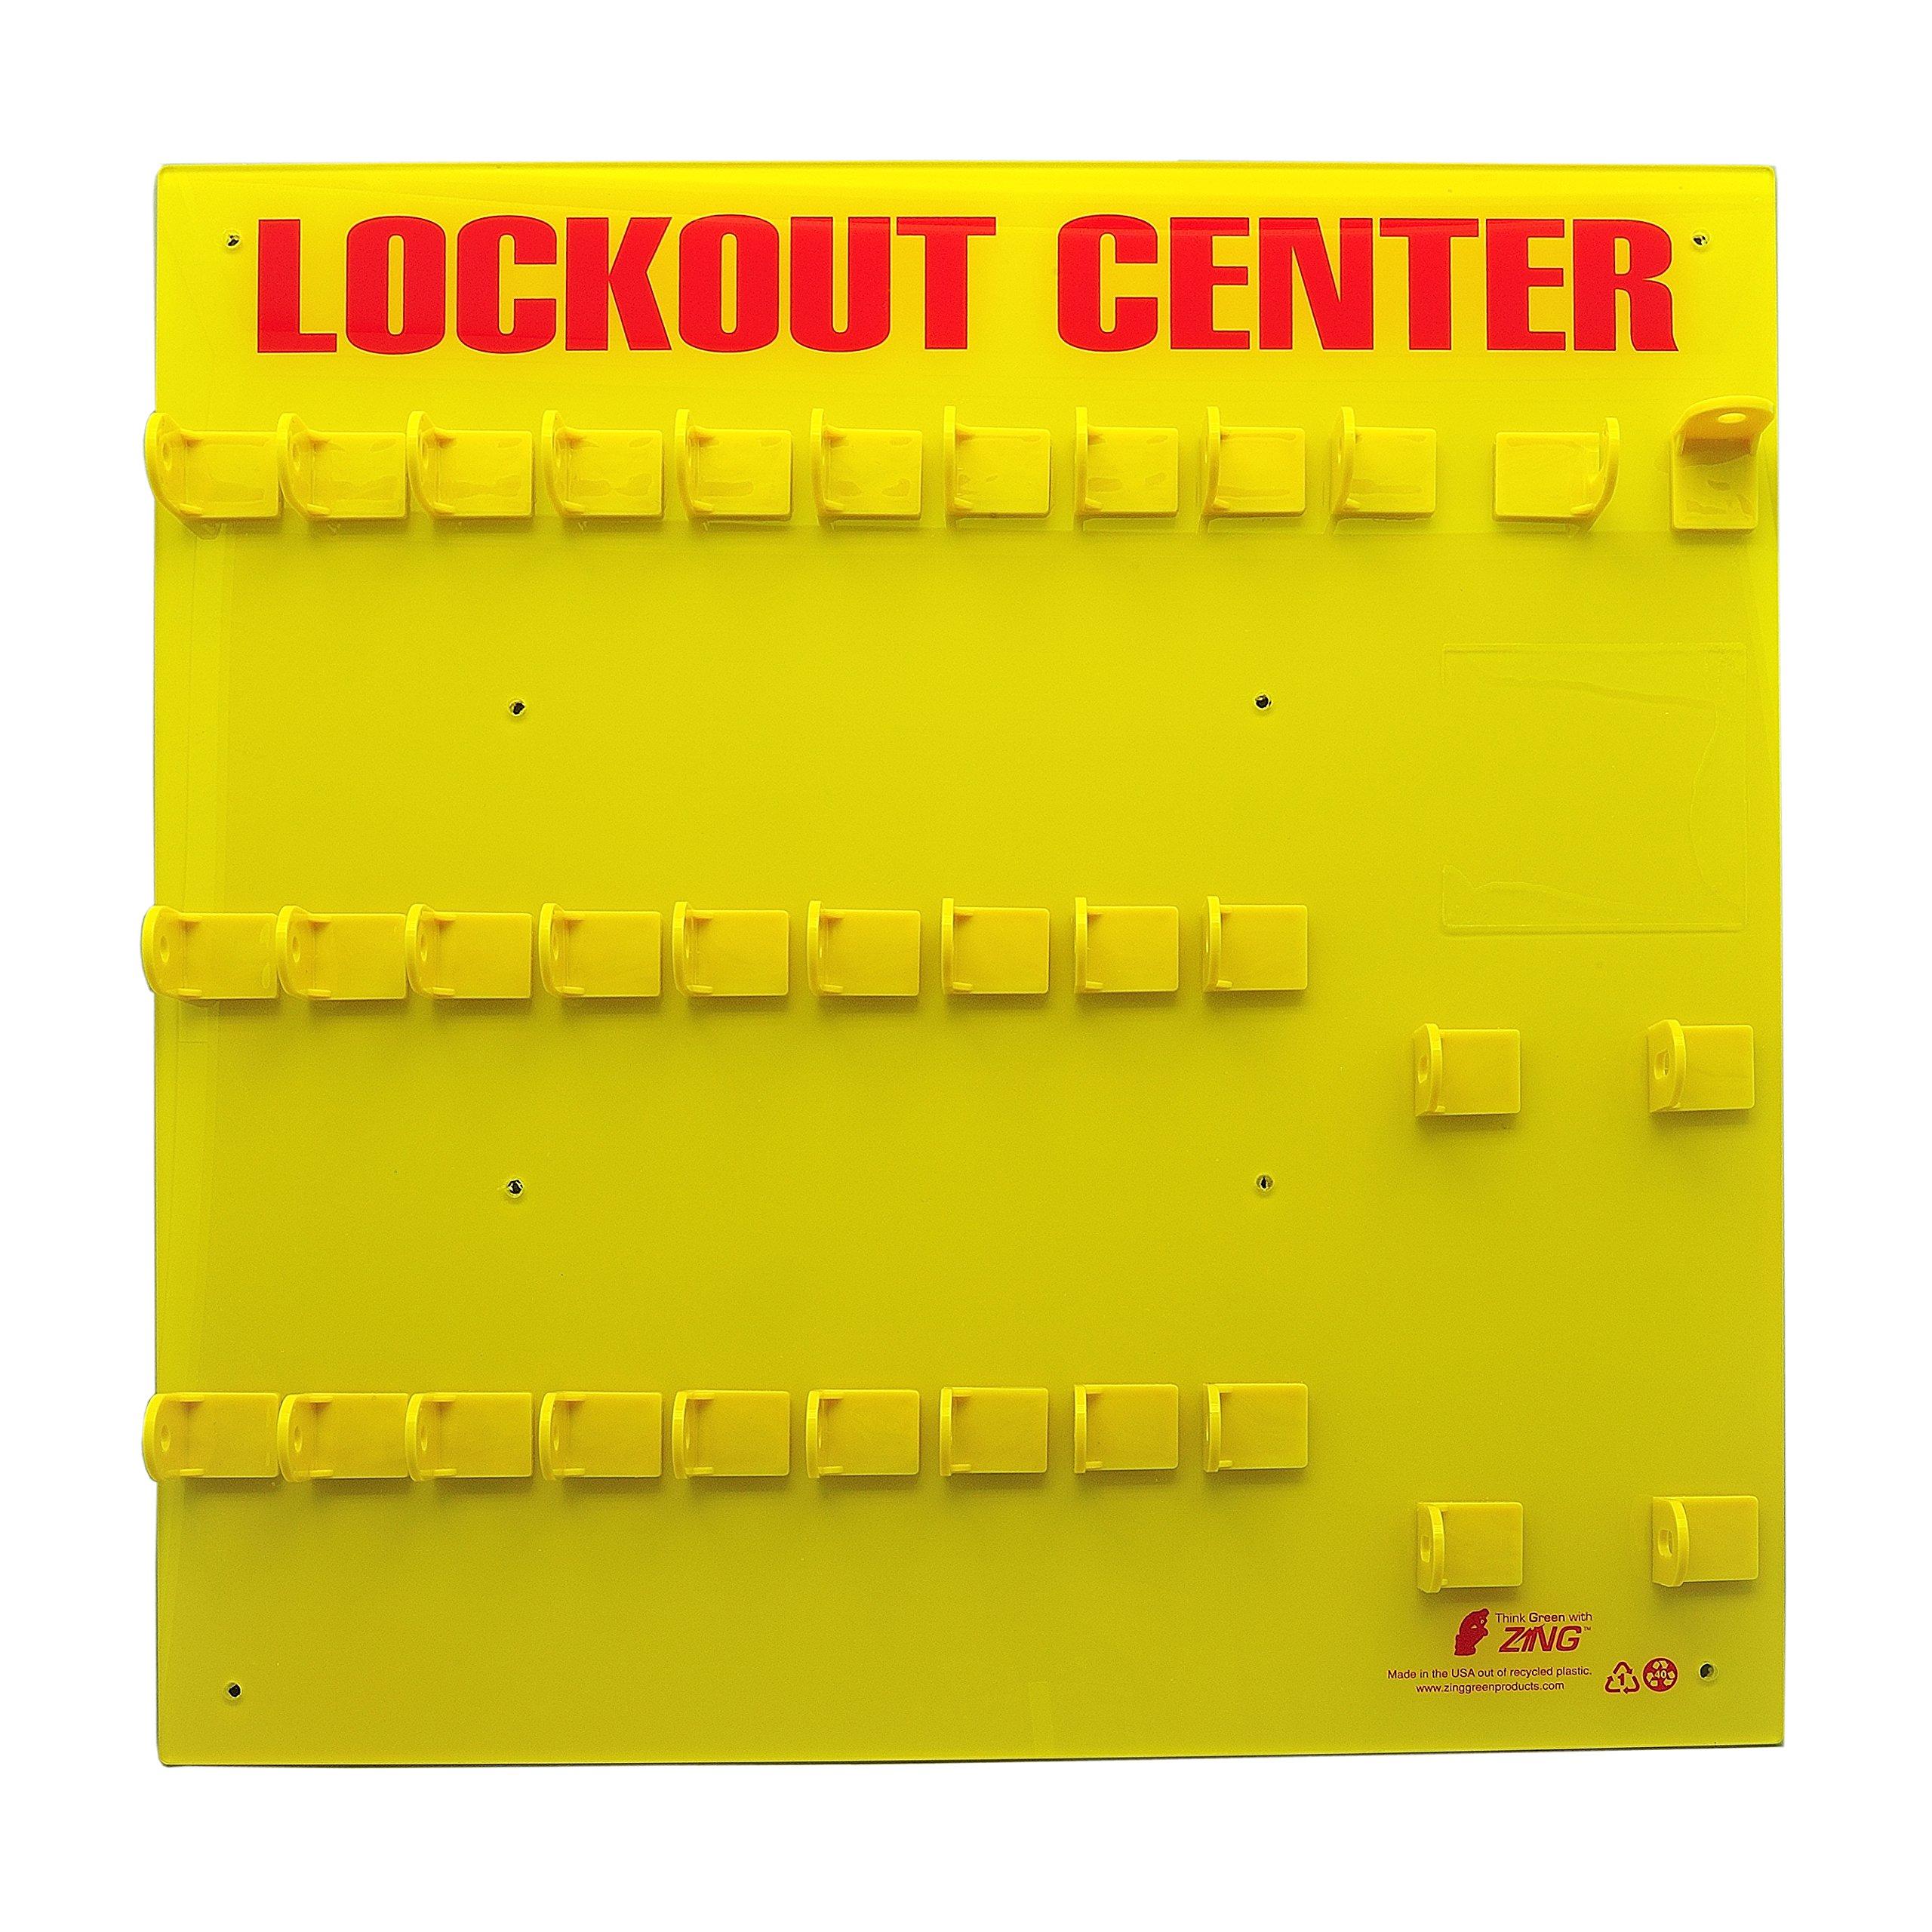 ZING 7116E RecycLockout Lockout Station, 28 Padlock, Unstocked